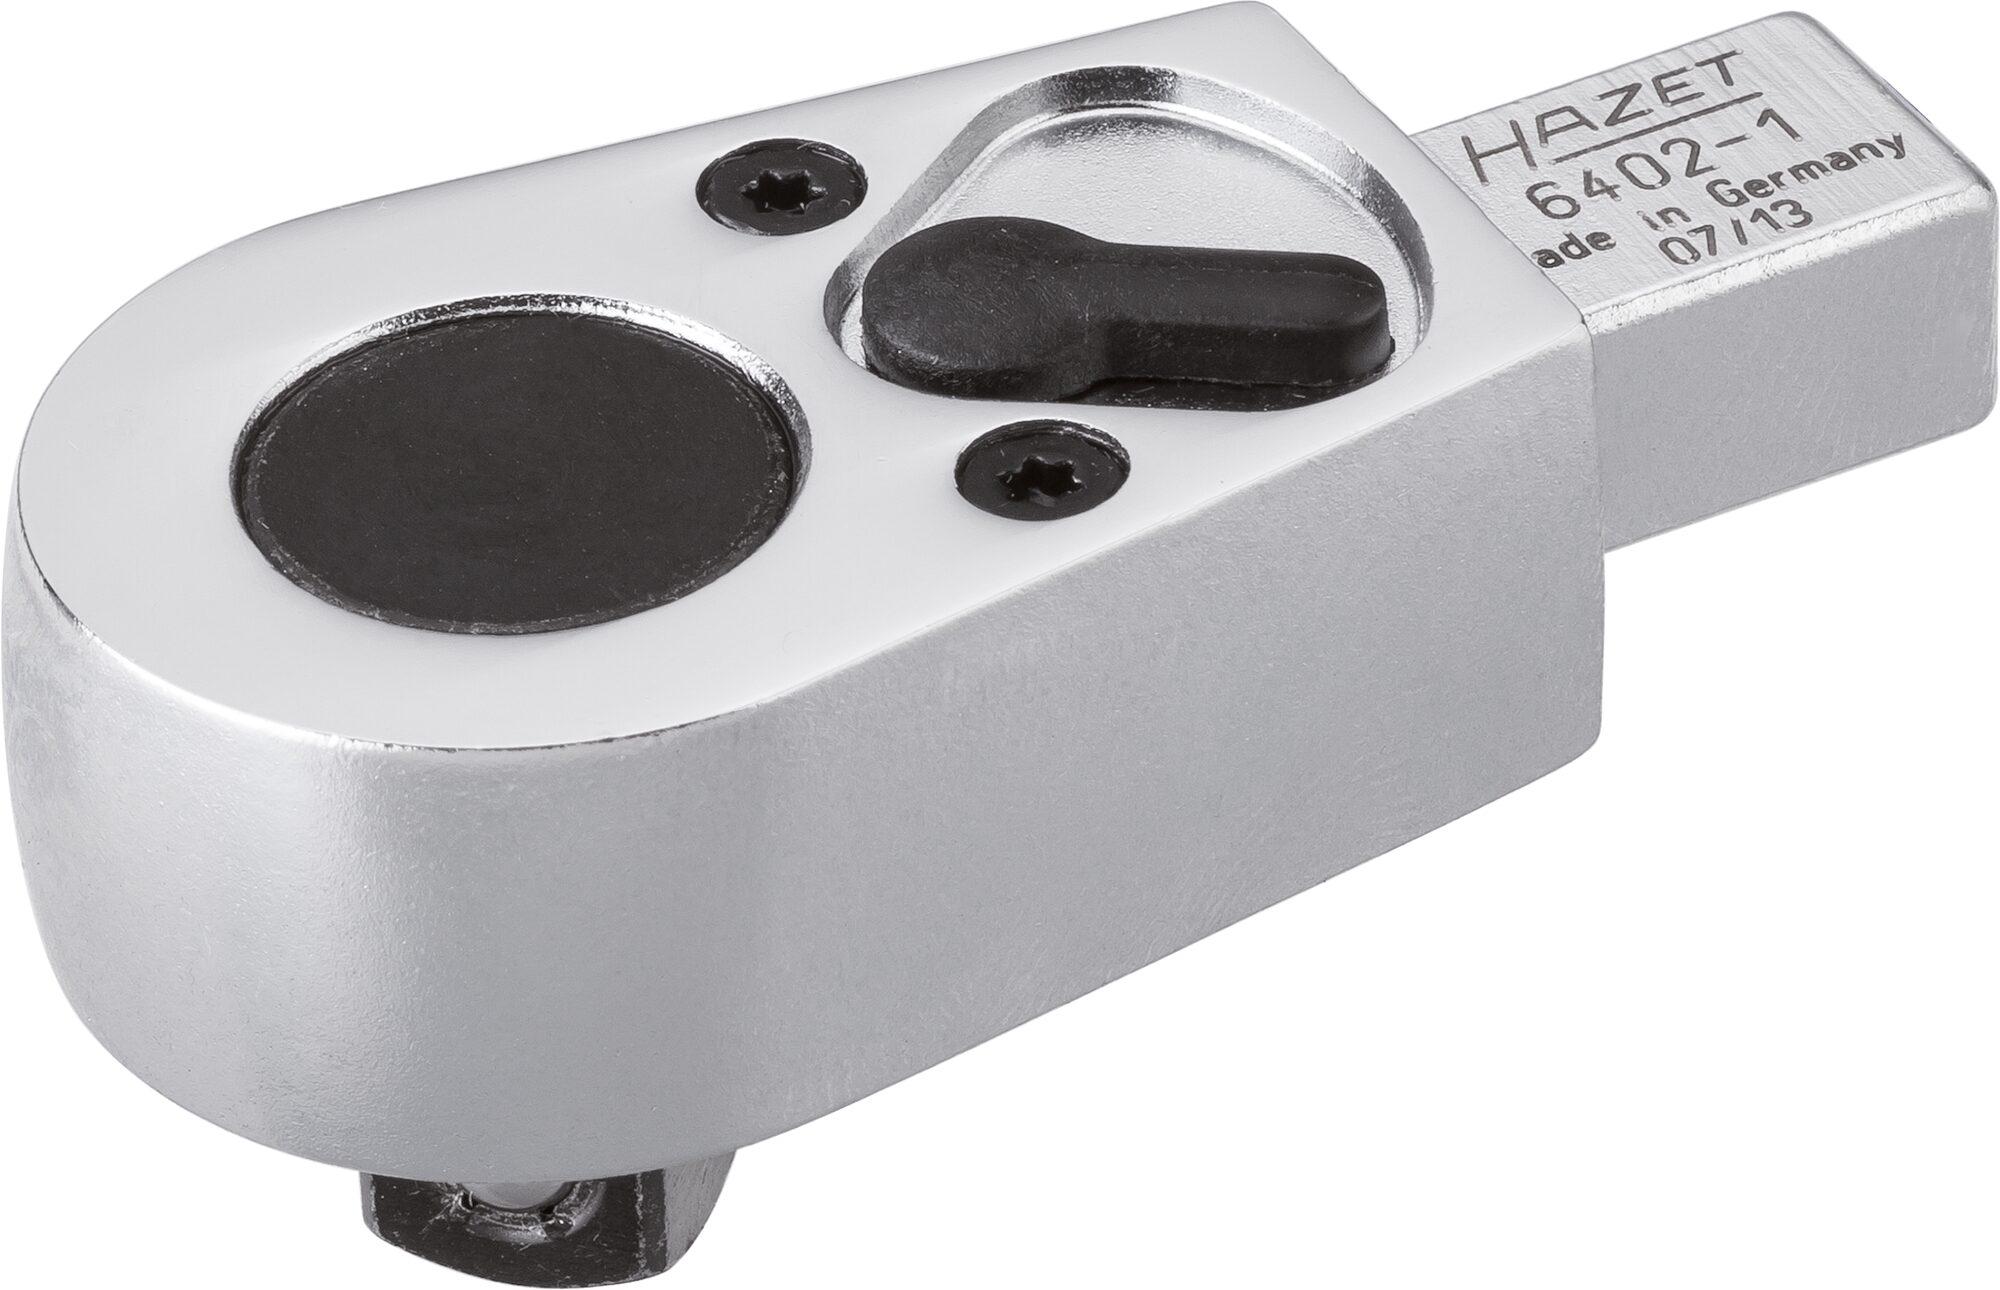 HAZET Einsteck-Umschaltknarre 6402-1 ∙ Einsteck-Vierkant 9 x 12 mm ∙ Vierkant massiv 10 mm (3/8 Zoll)